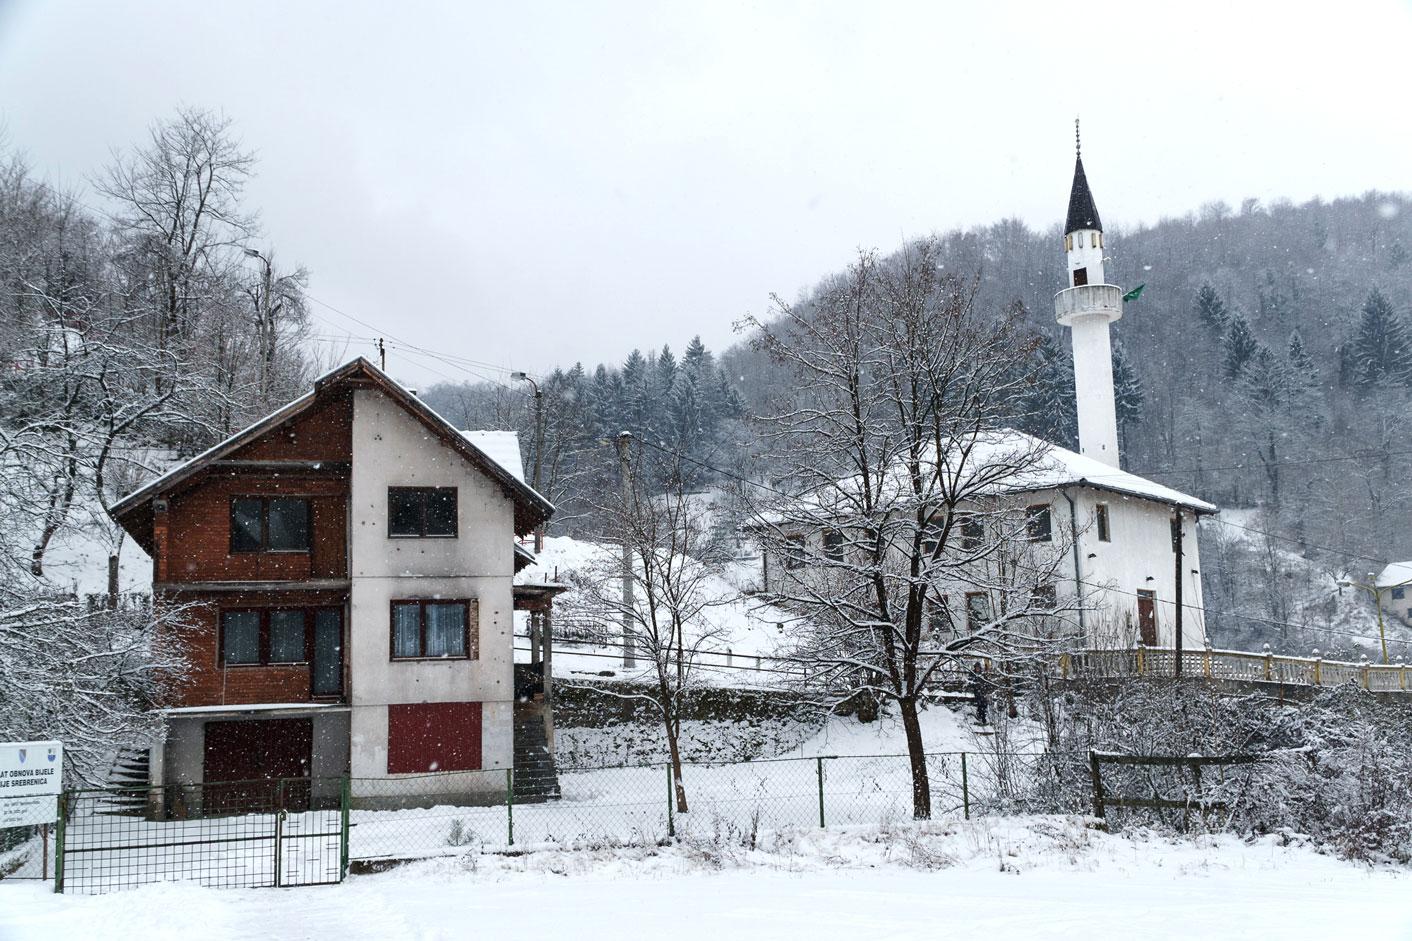 srebrenica snow